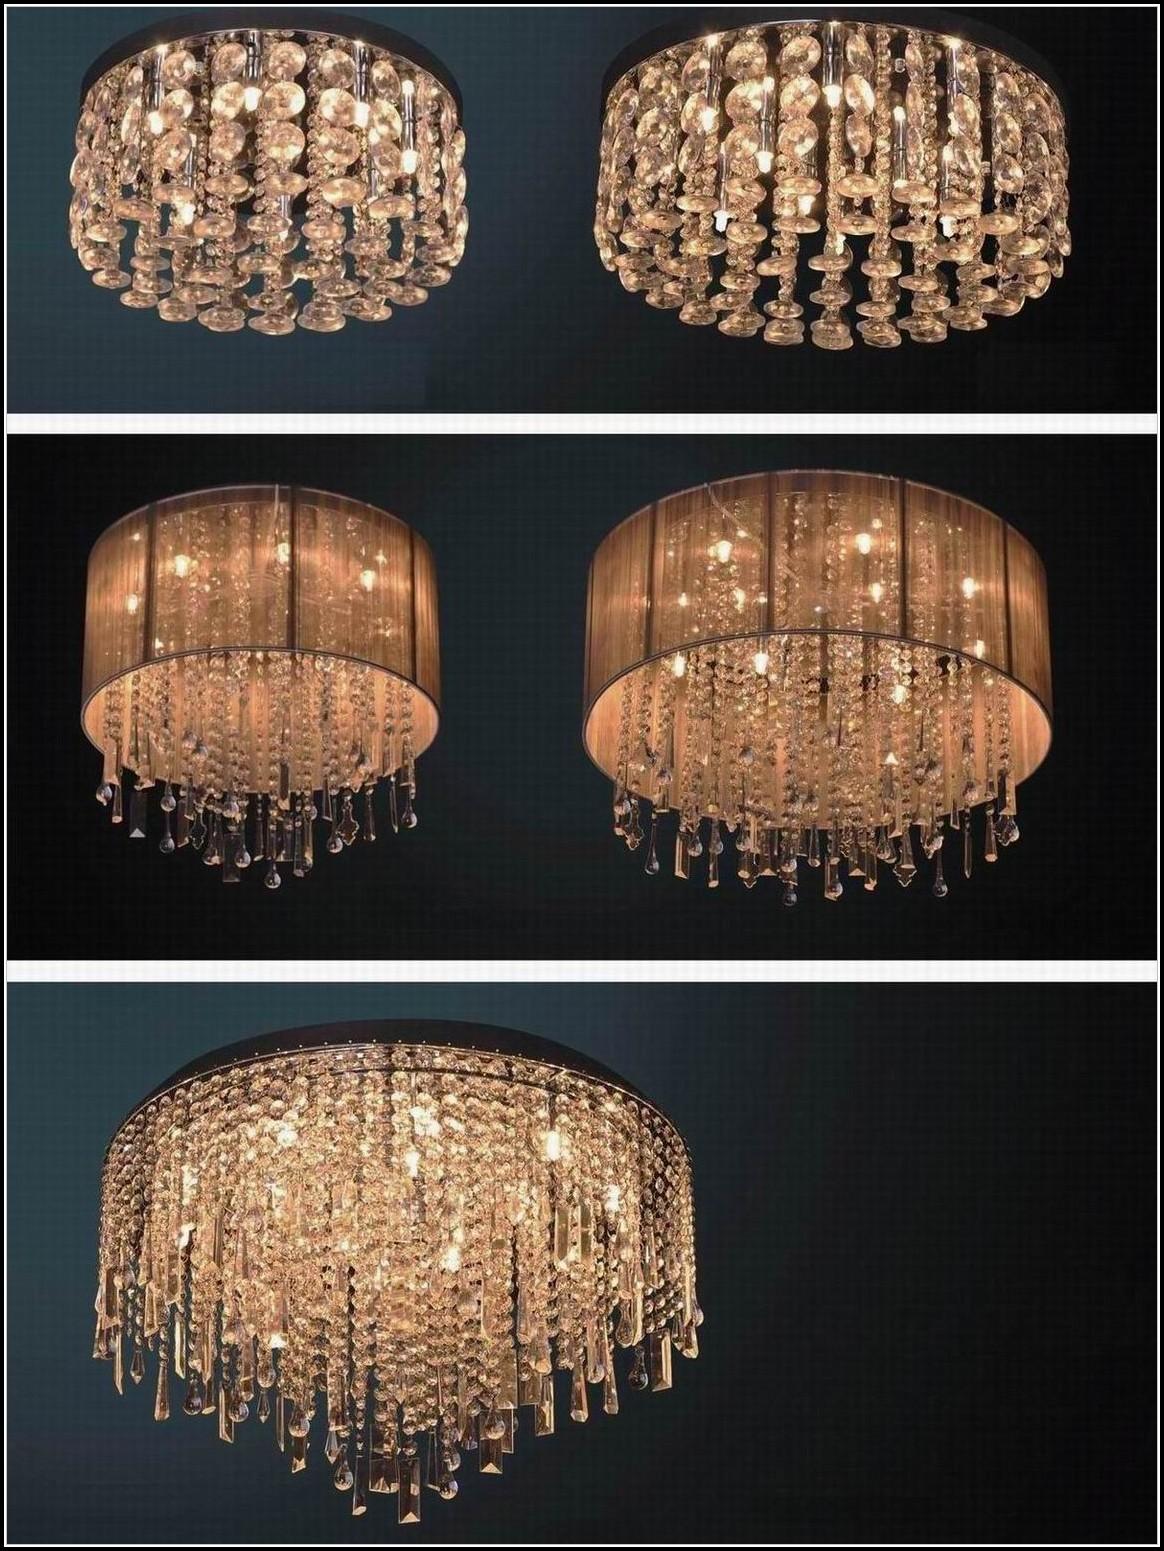 Lamp Shades At Ikea